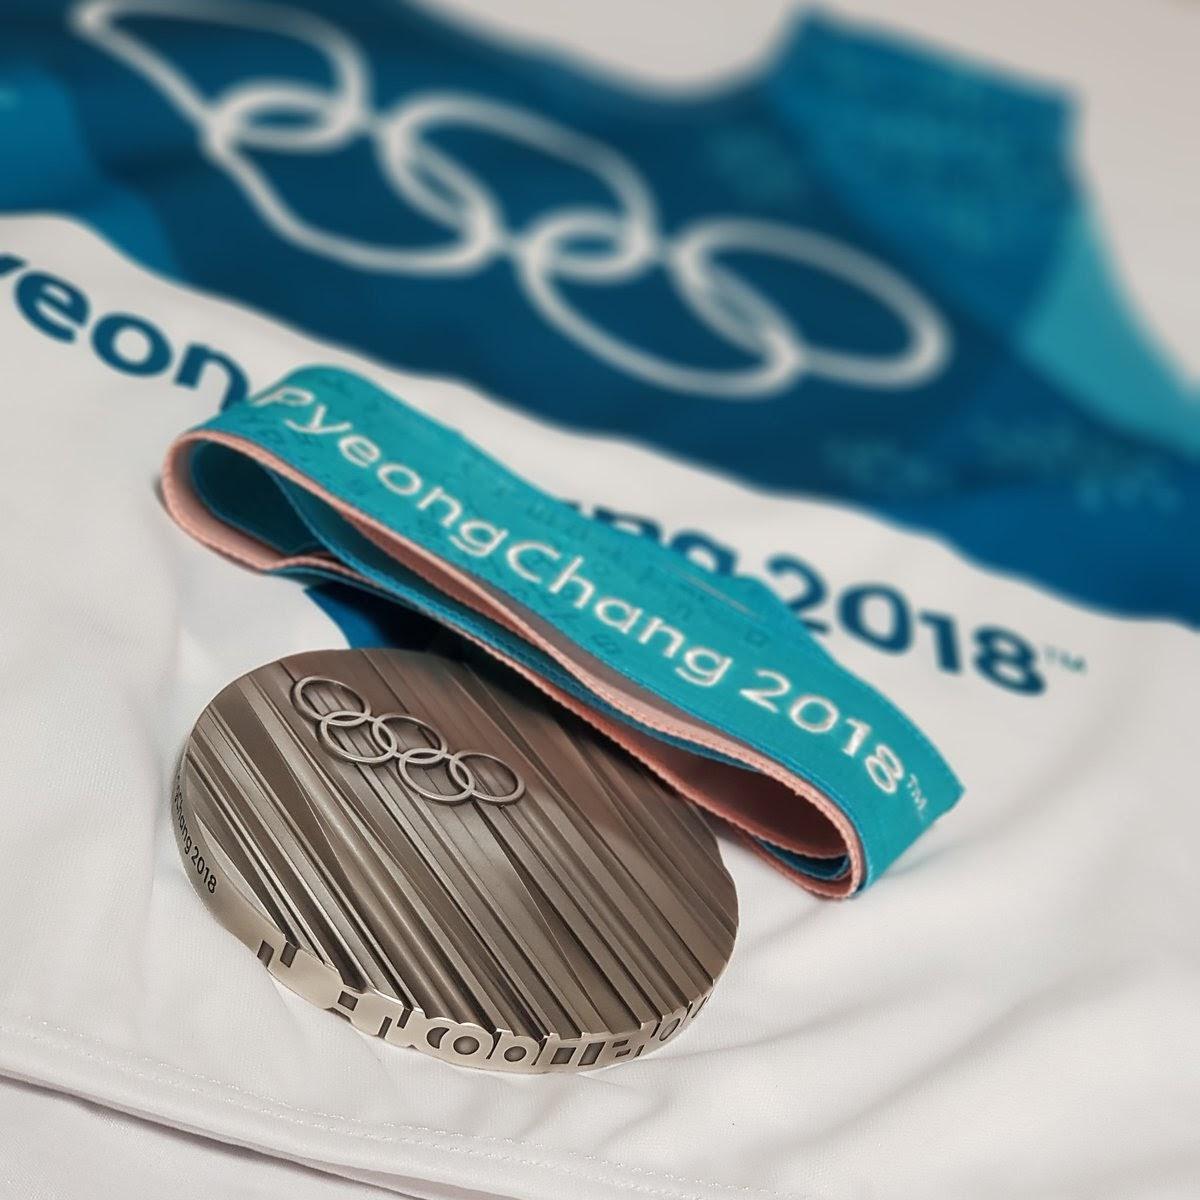 渡部暁斗が平昌オリンピックのノルディック複合の個人ラージヒルで獲得した銀メダル